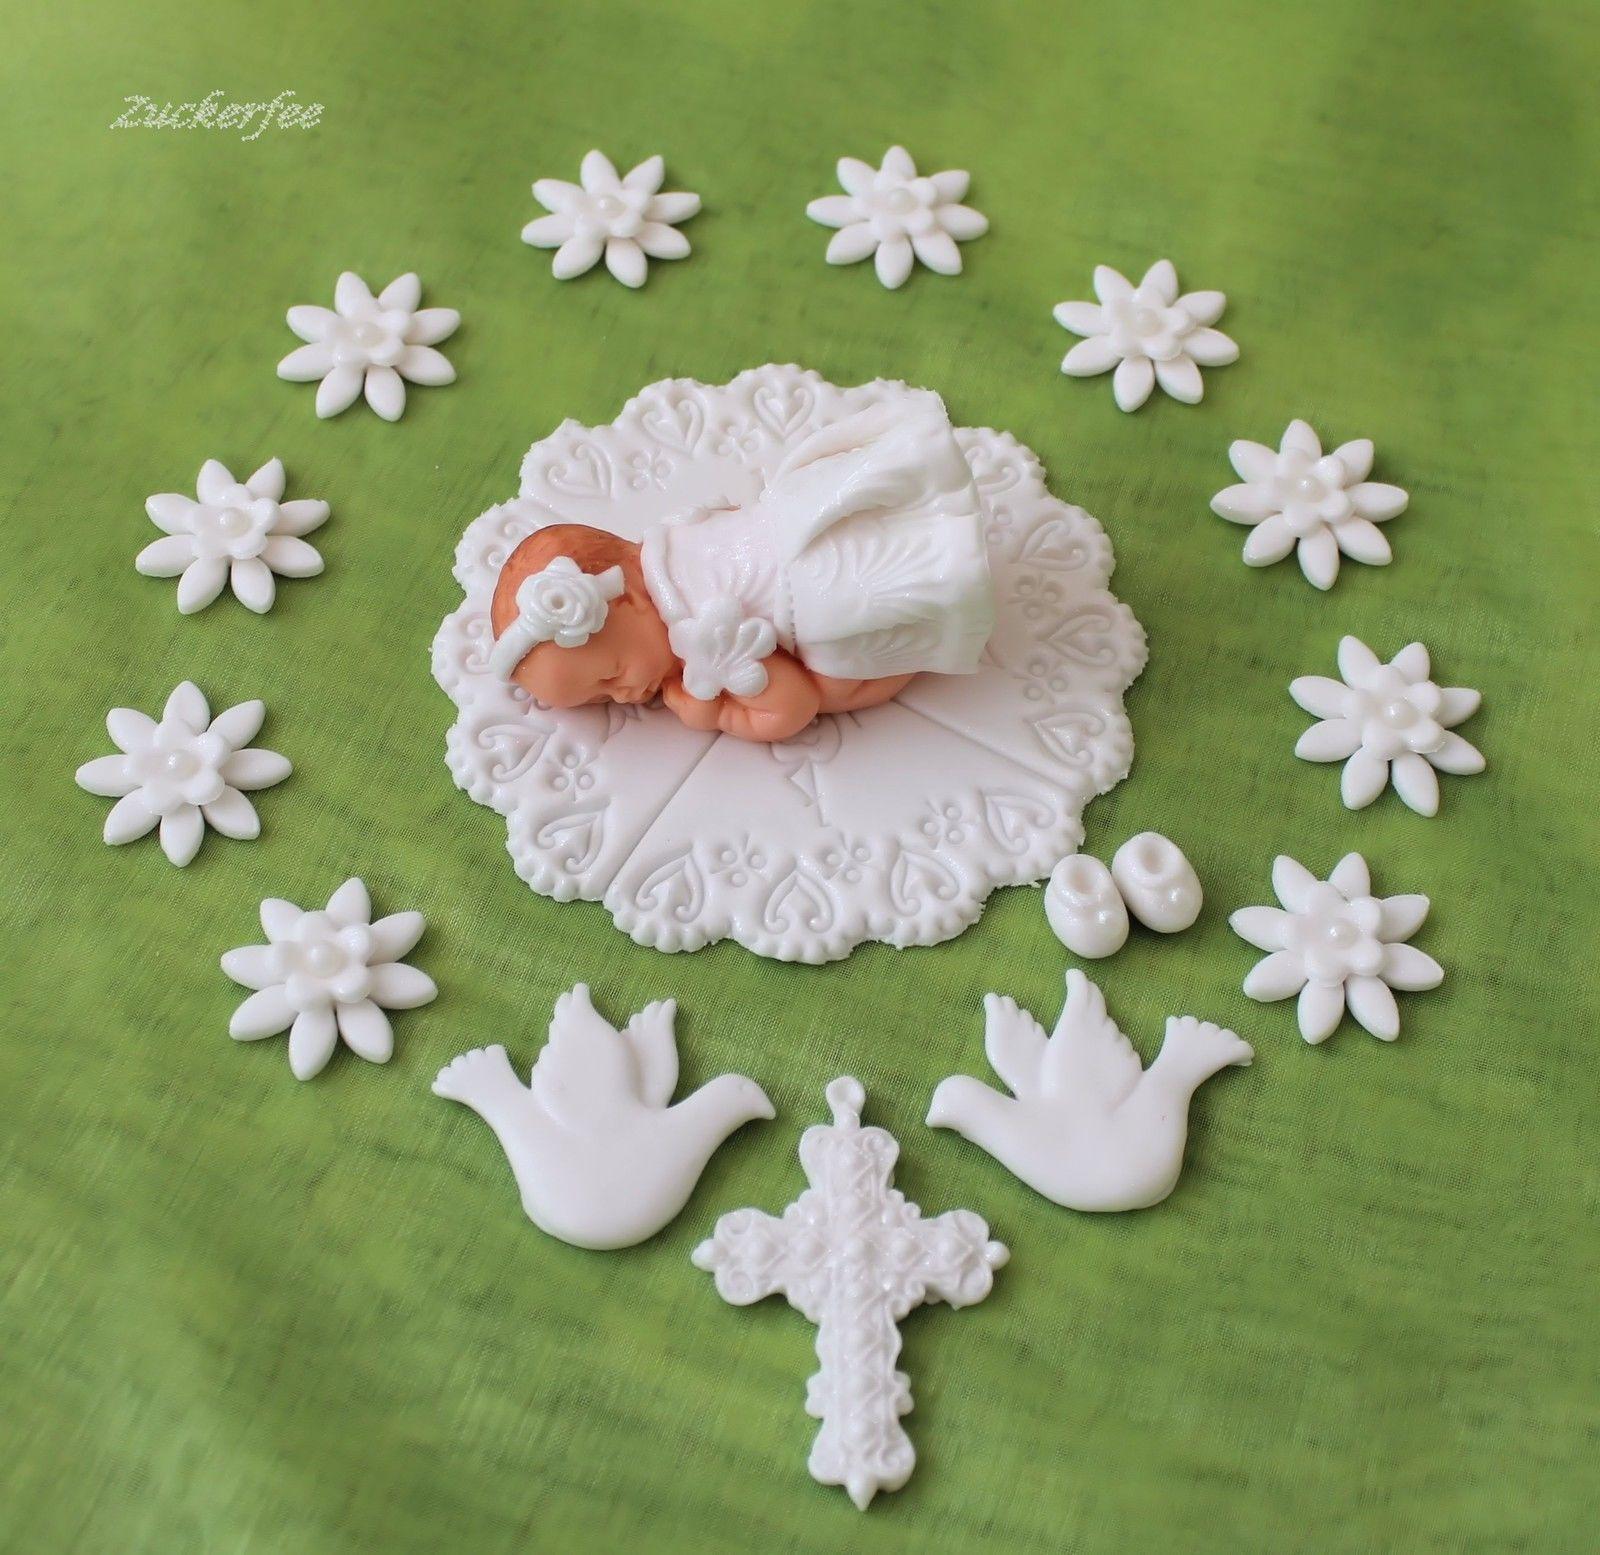 Dekoration Taufe Mädchen: Details Zu Tortendeko Fondant Zuckerdekor Zuckerfigur Baby